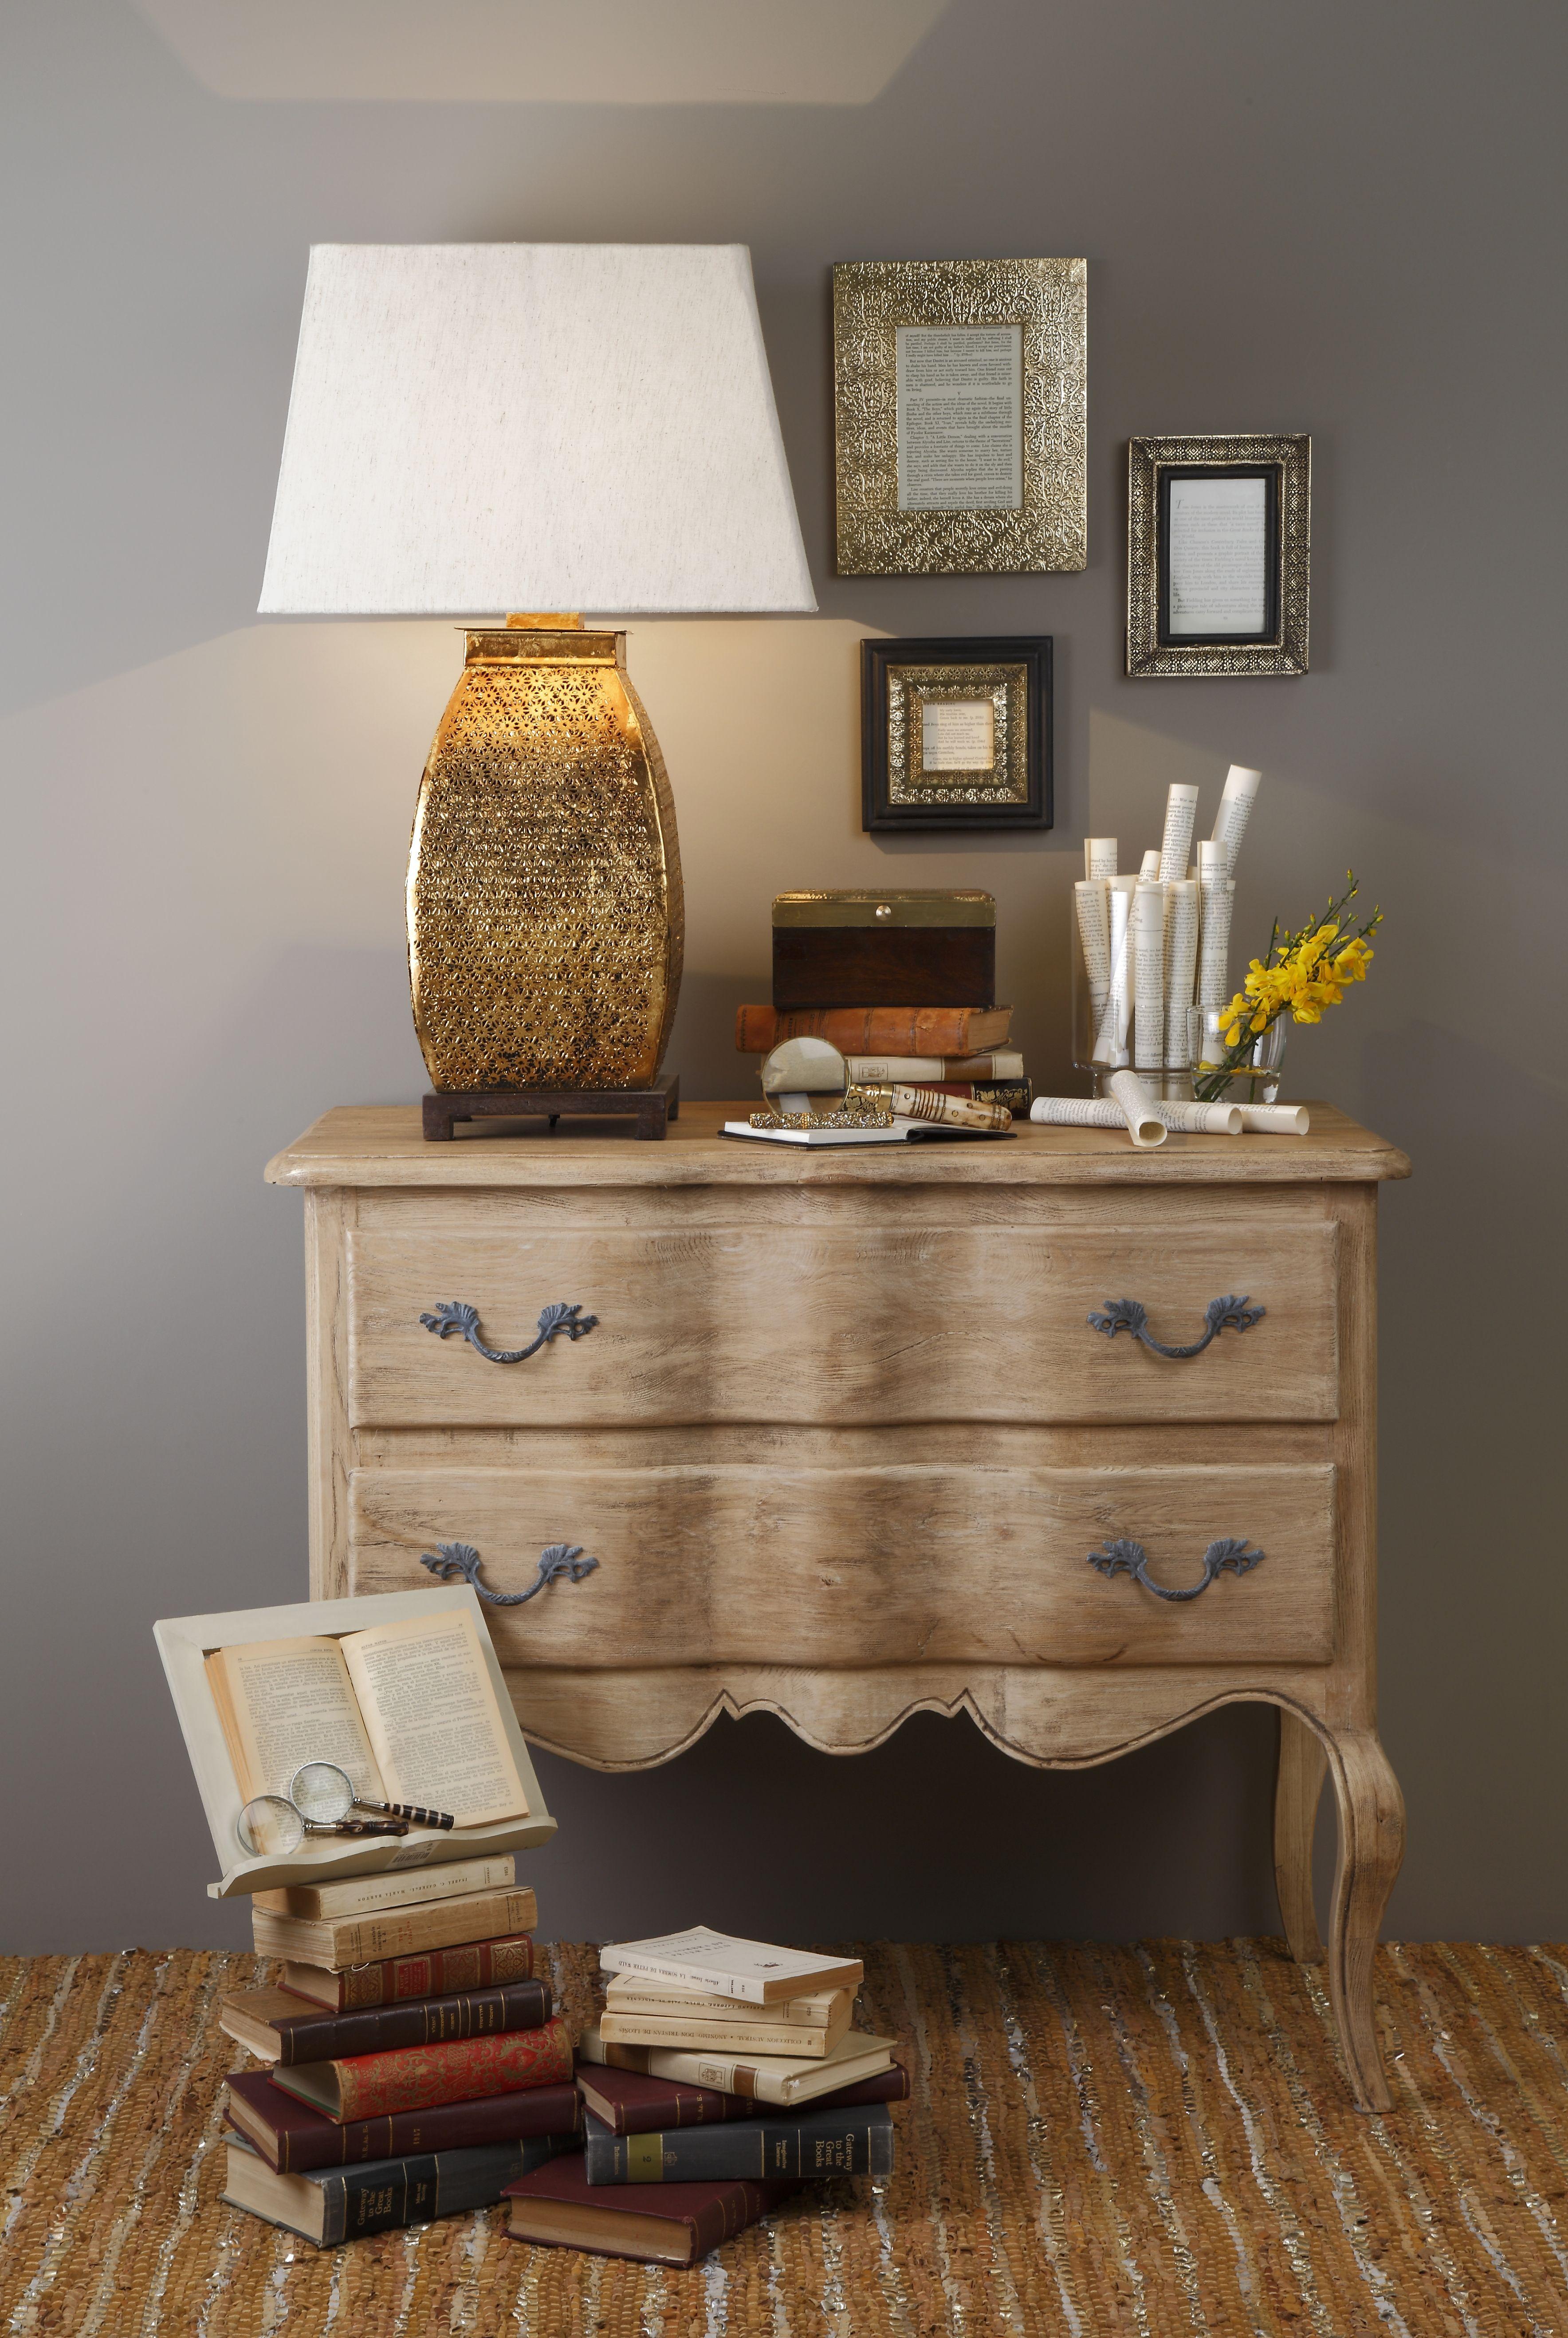 Ideas de decoraci n con hojas de libros antiguos decoraci n p rtico pinterest libros - Muebles portico ...